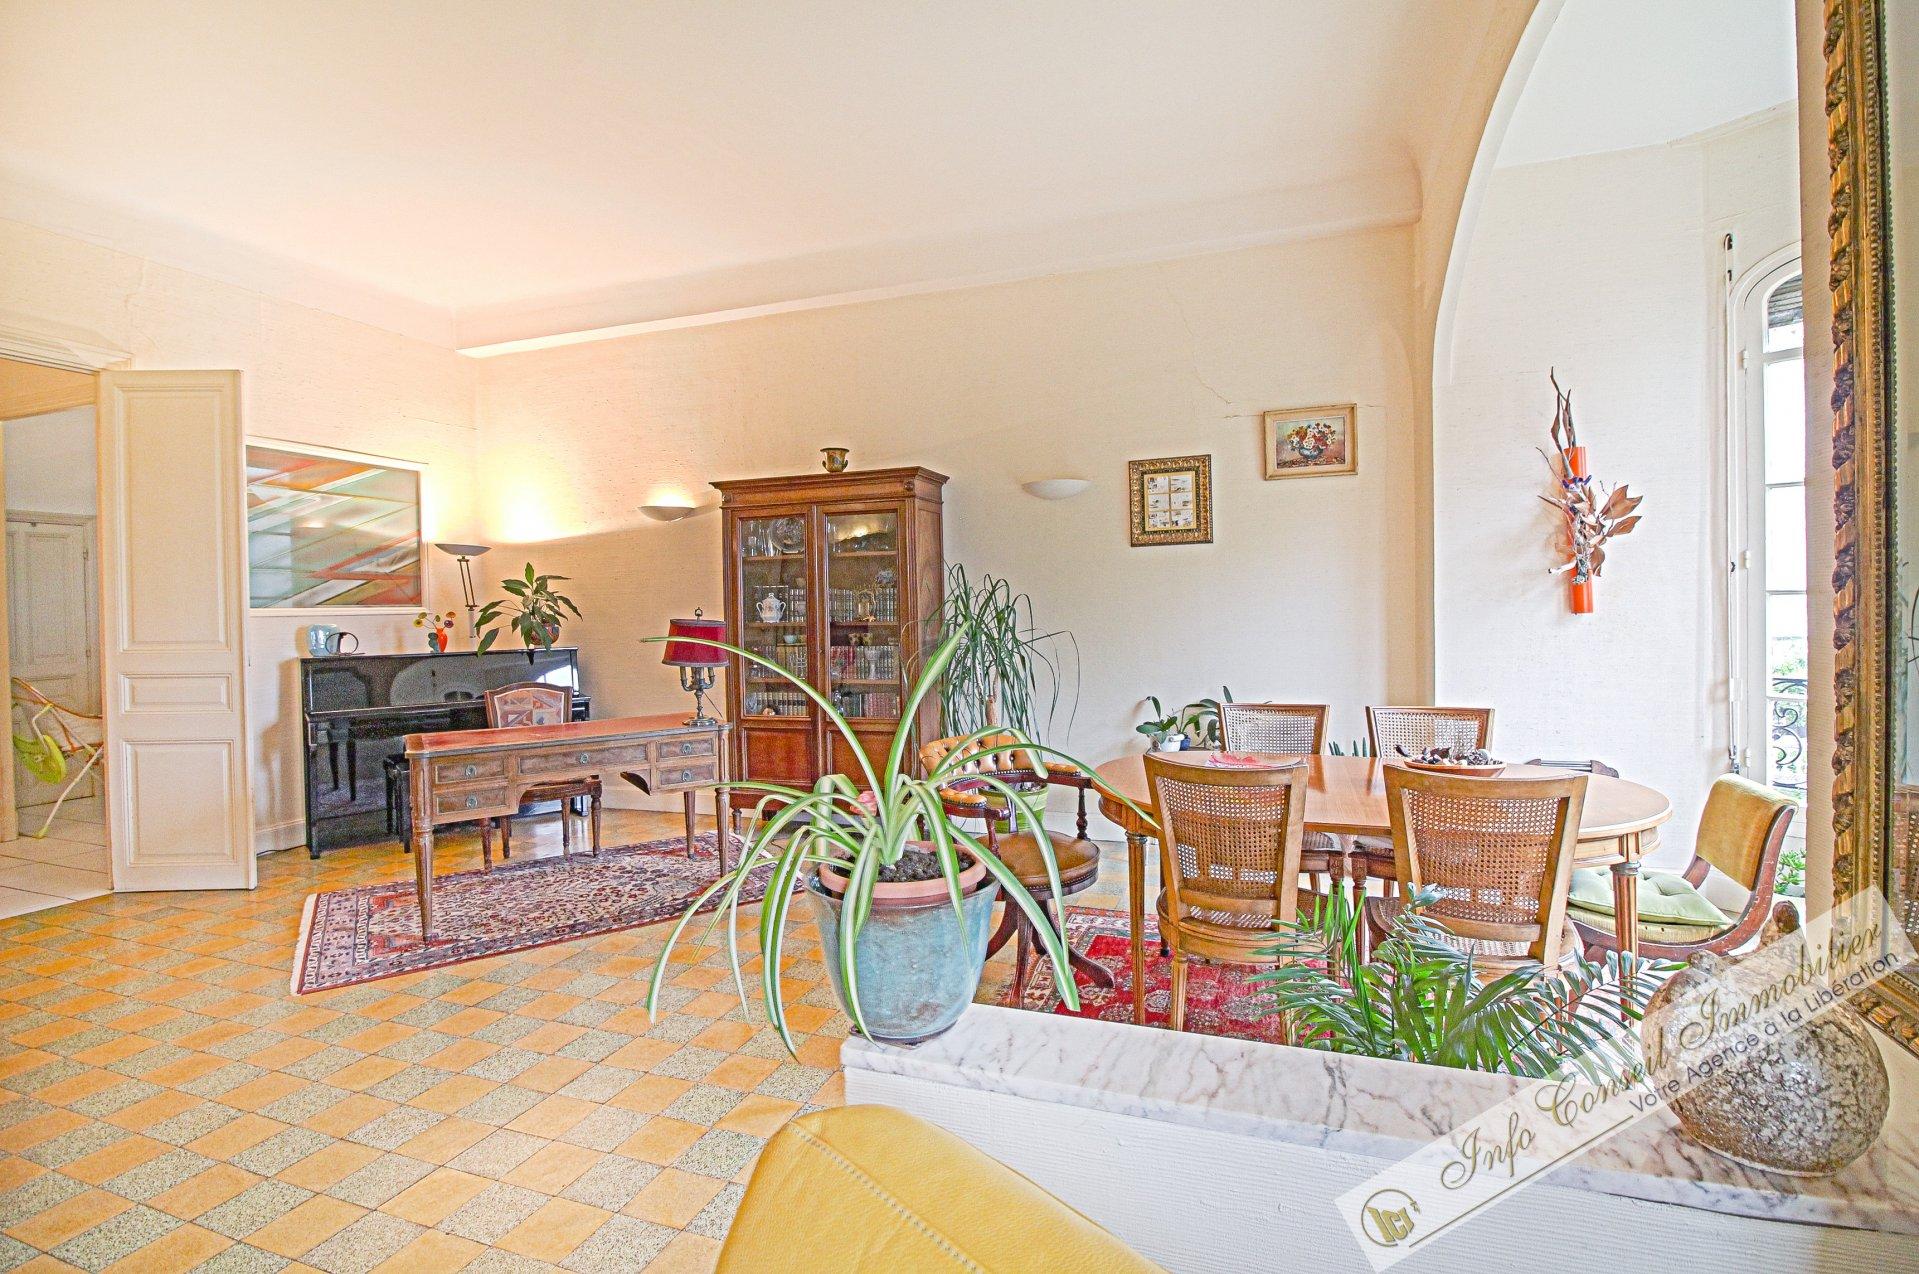 CIMIEZ - Somptueux Palais BOURGEOIS - Avant dernier étage - 4/5P - 165 m² - 899.000 €